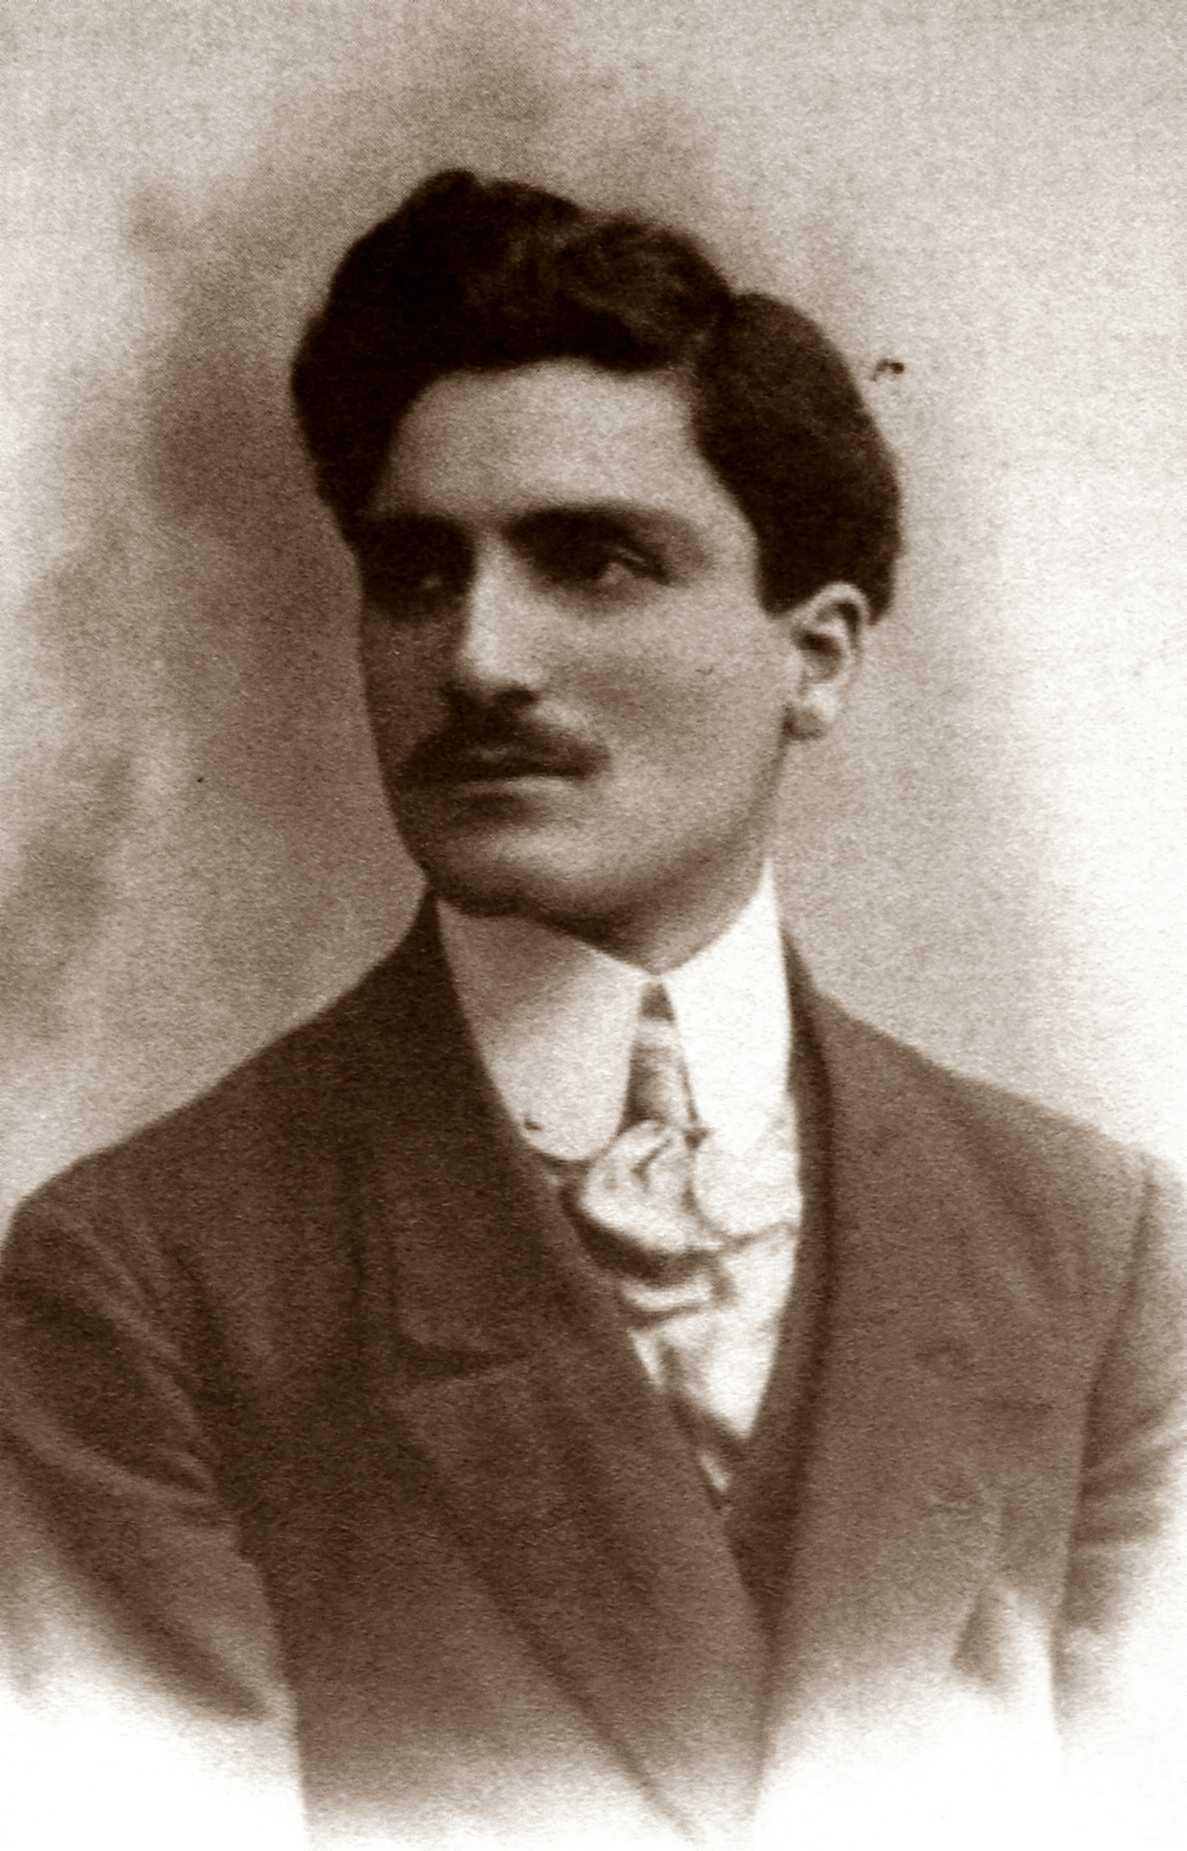 Gaetano Gervasio